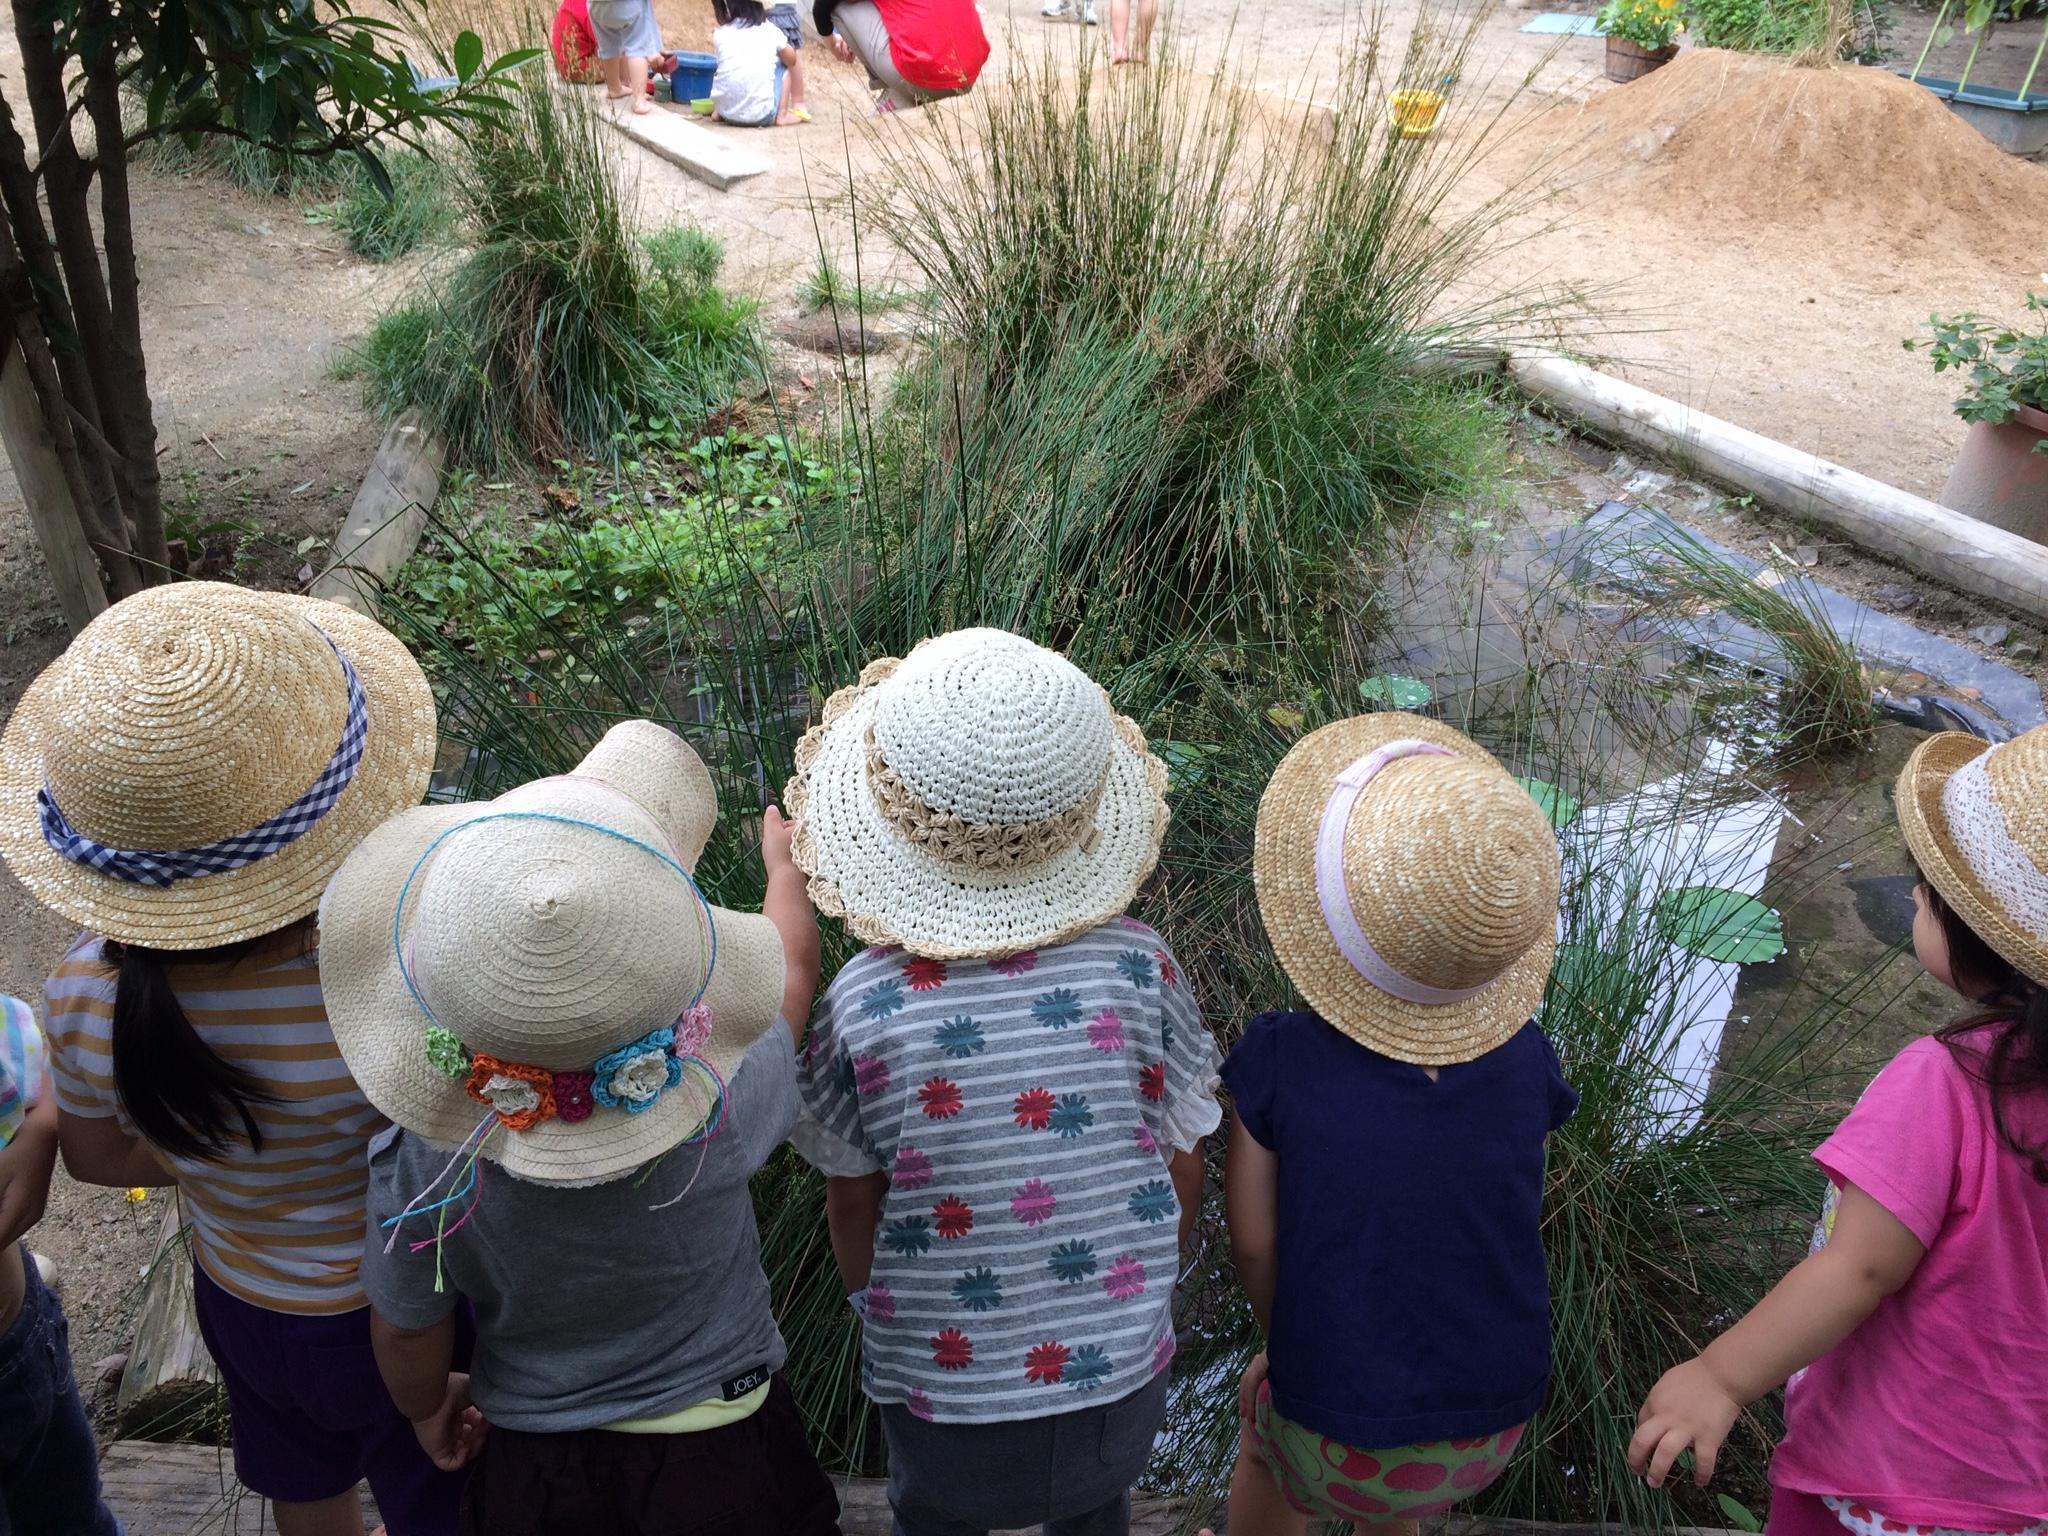 ビオトープの生き物を観察する子どもたち